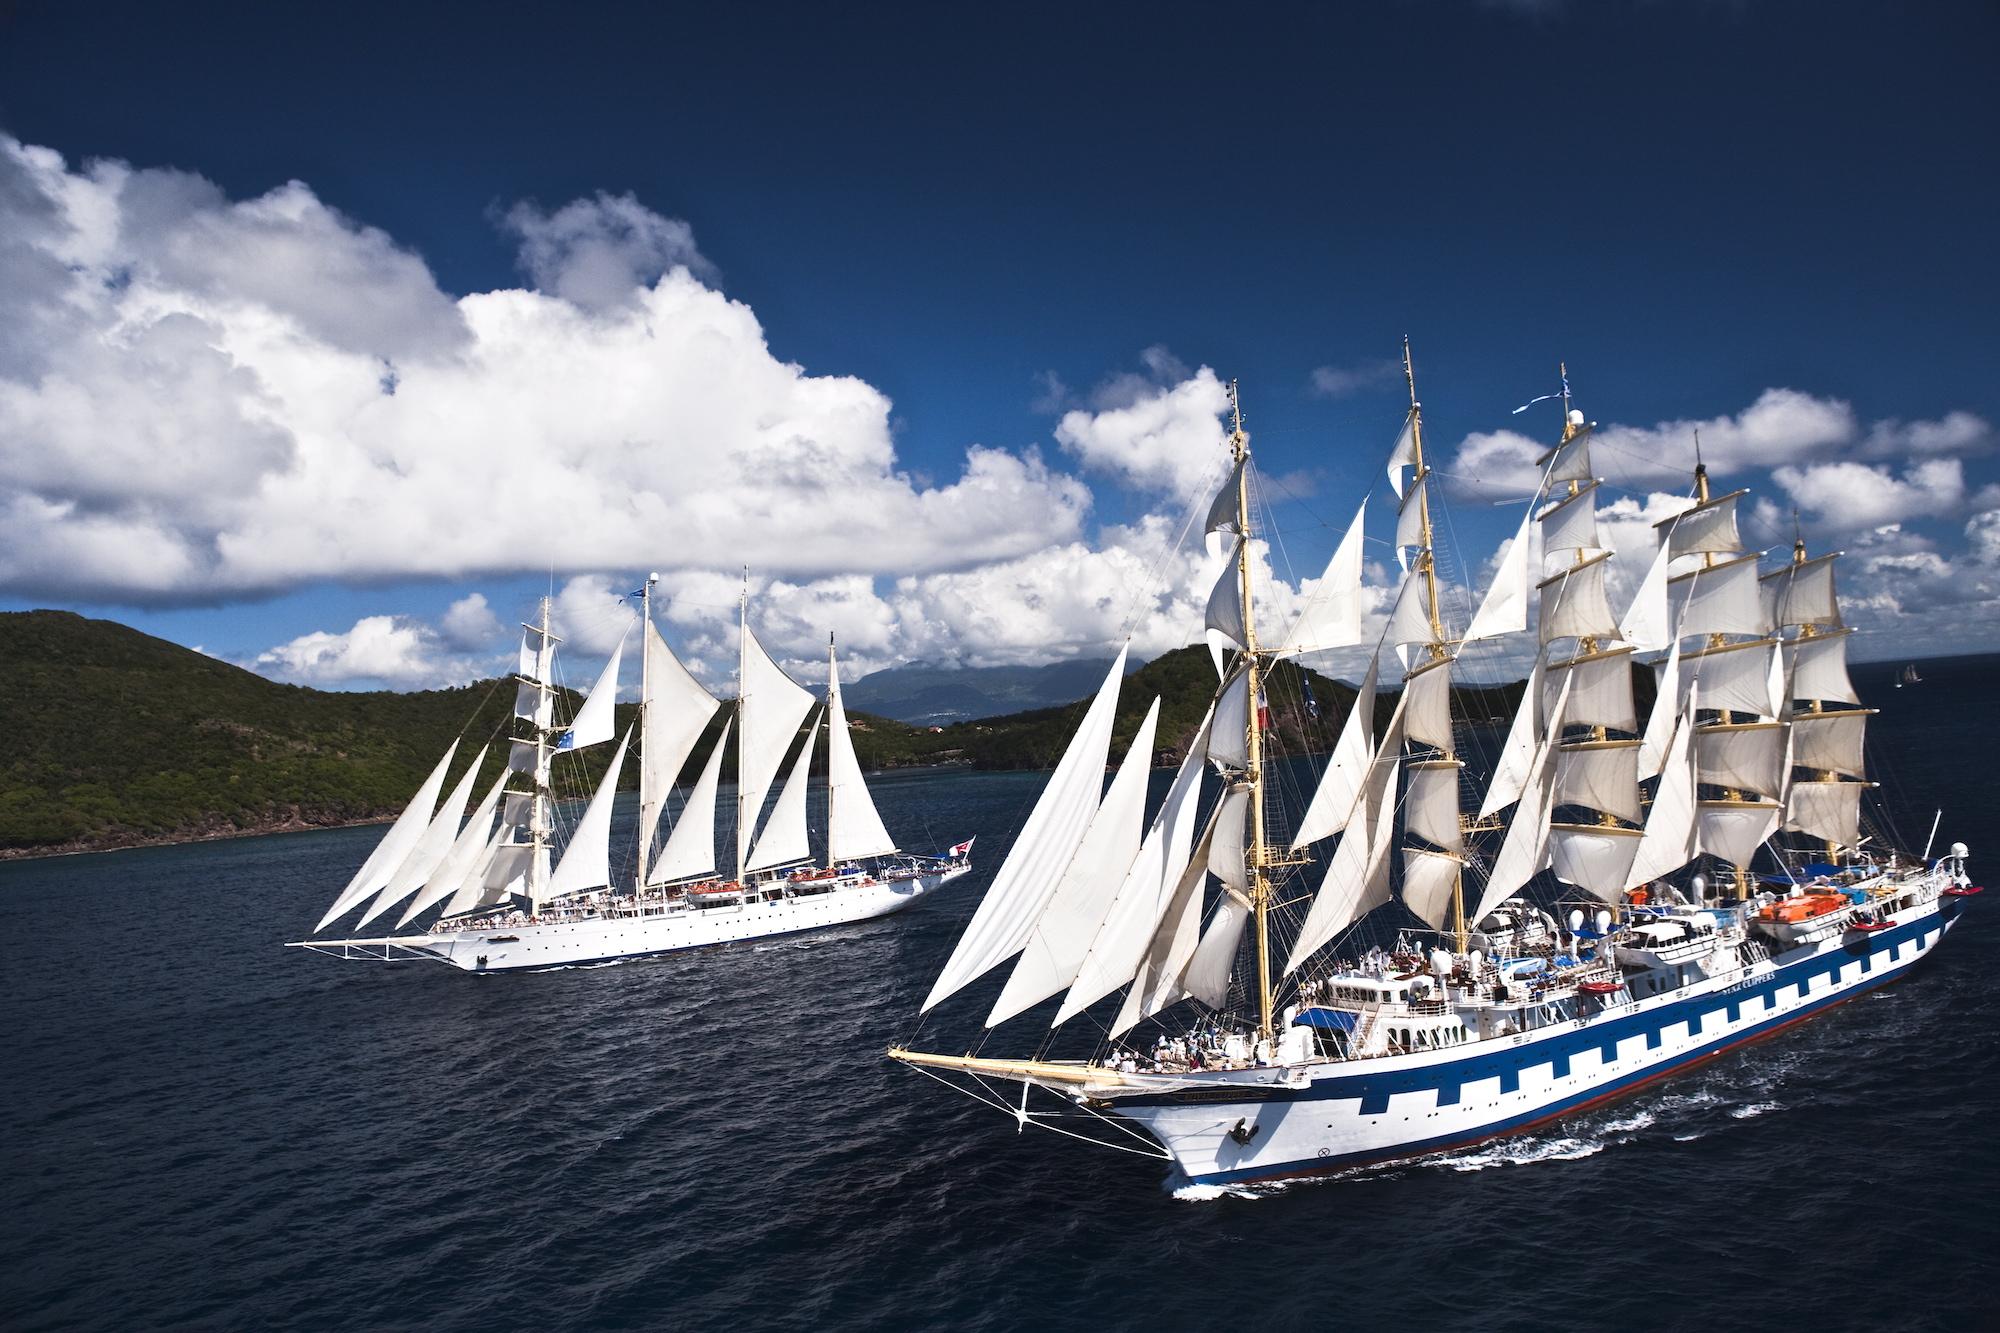 Star Clippers verstärkt ab Sommer 2022 die Segel-Kreuzfahrten im westlichen Mittelmeer und vor den Kykladen durch die griechische Inselwelt.